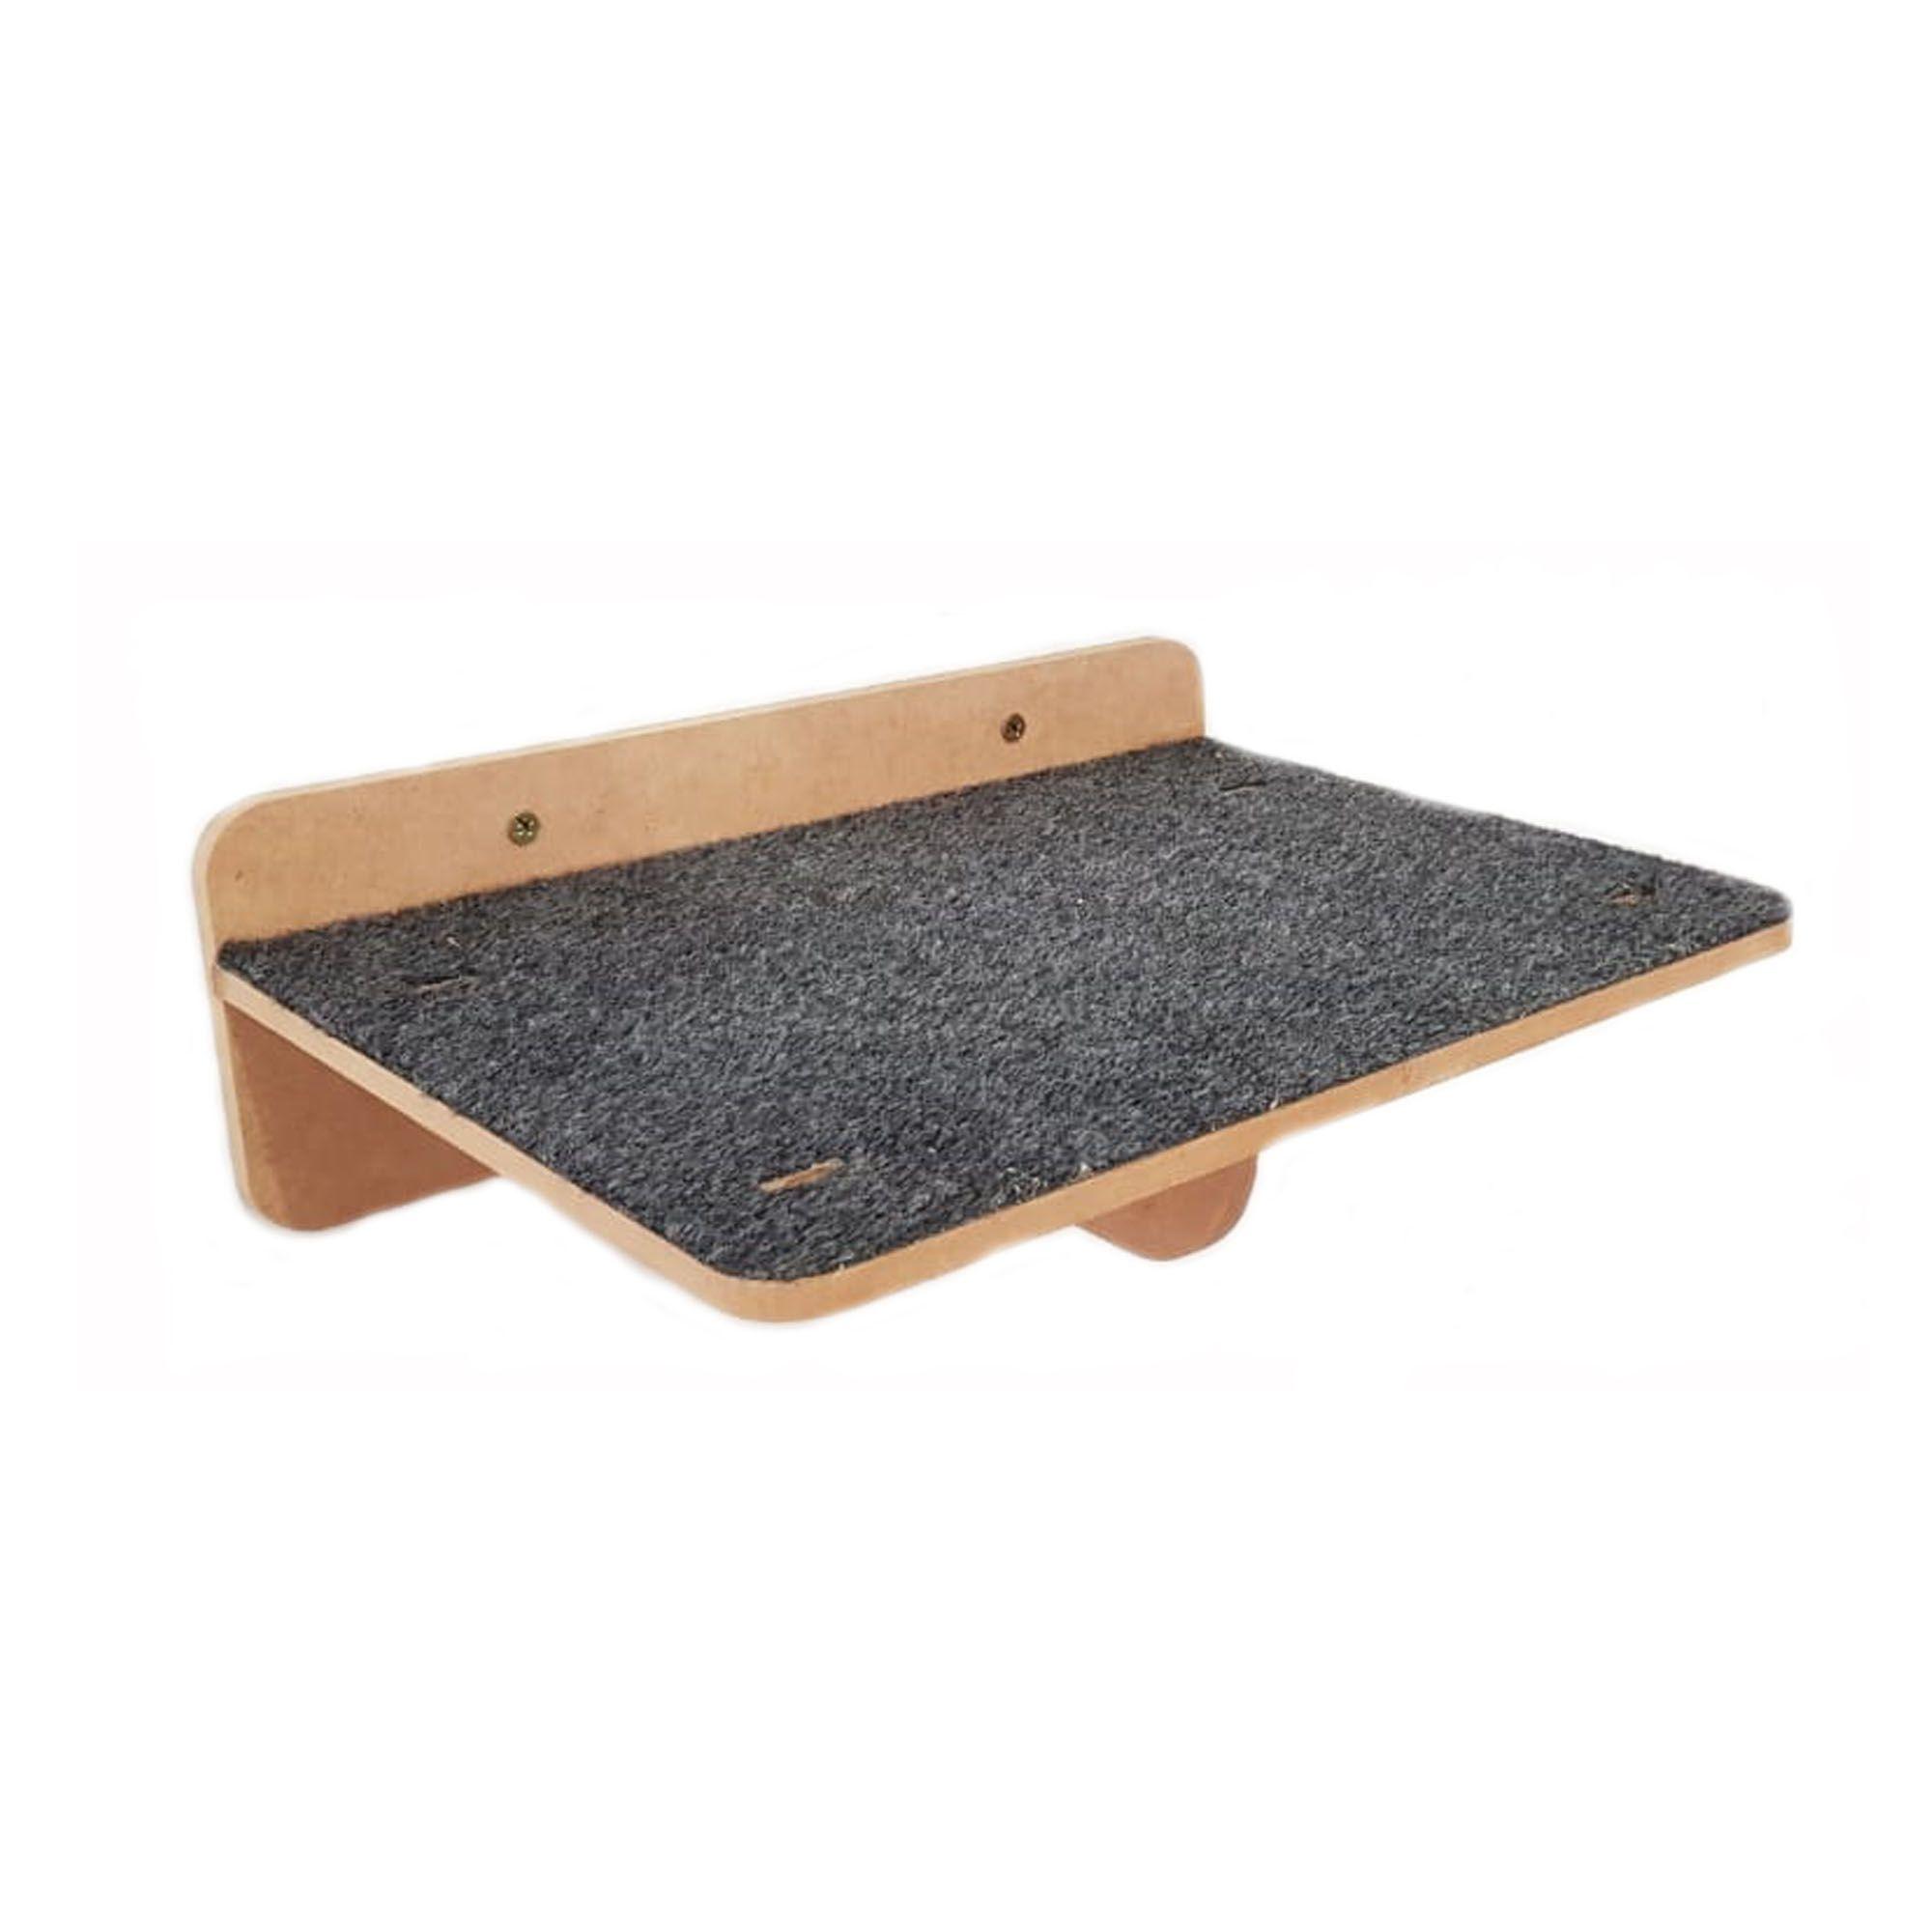 Prateleira GRANDE 60x25 Arranhador Carpete p/ Gato Pet Mdf 15mm